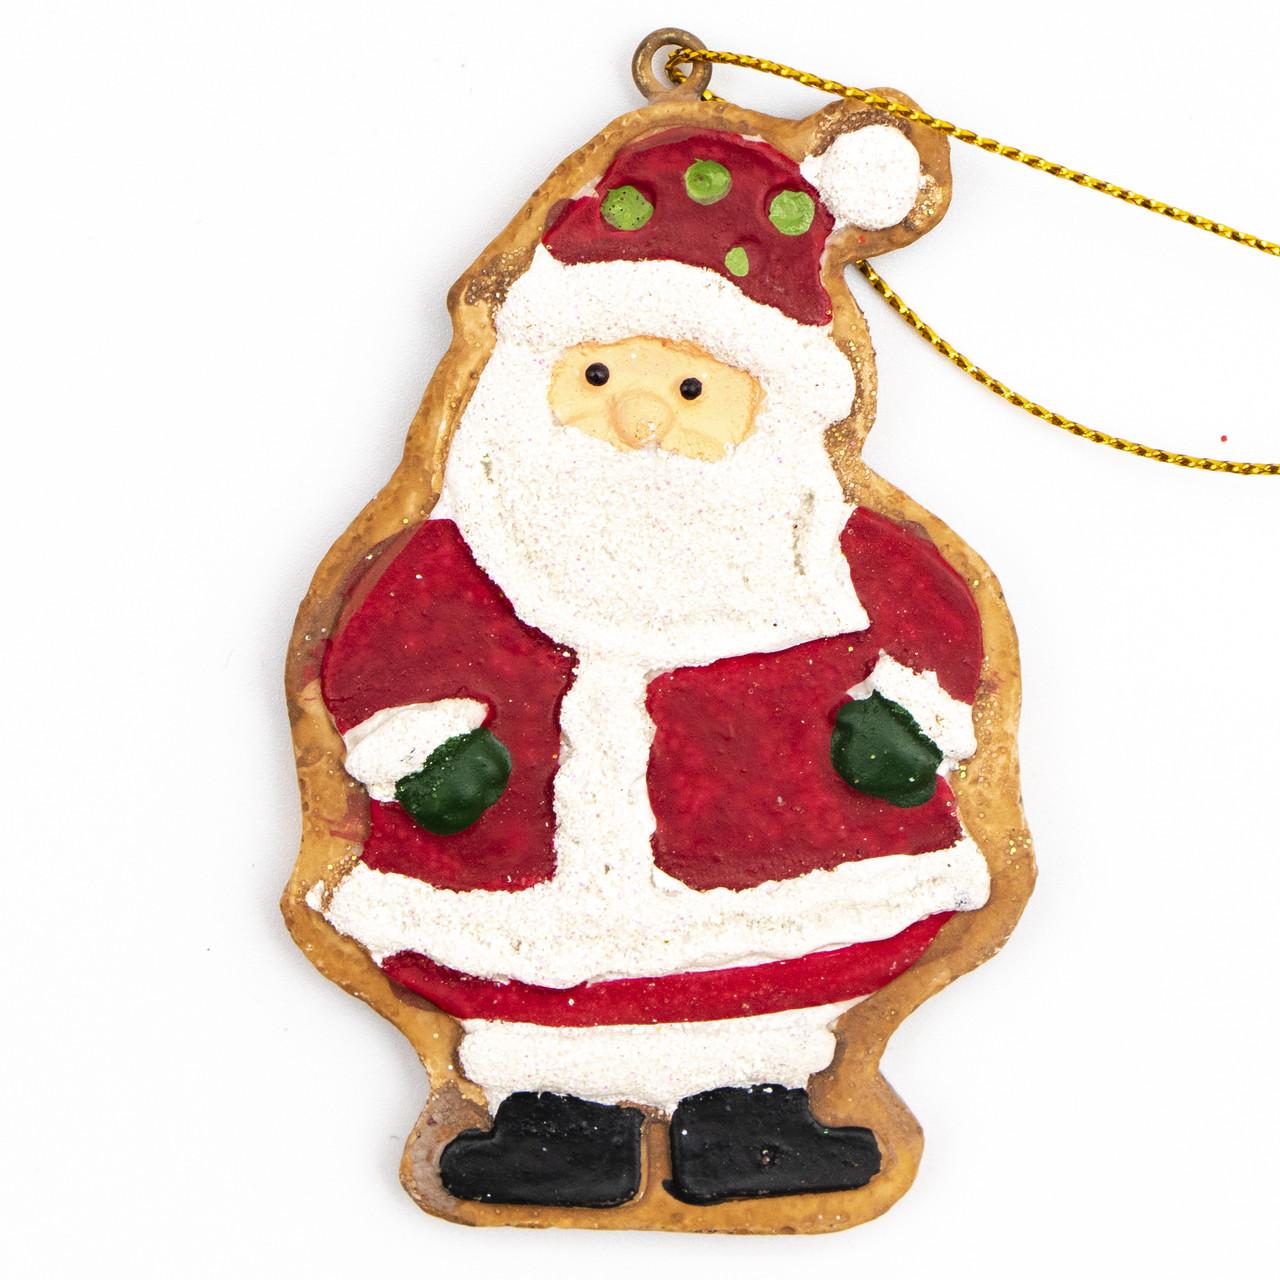 Новогодняя елочная игрушка - фигурка  Дед Мороз, h-7,6 см, красный, полистоун (000630-3)